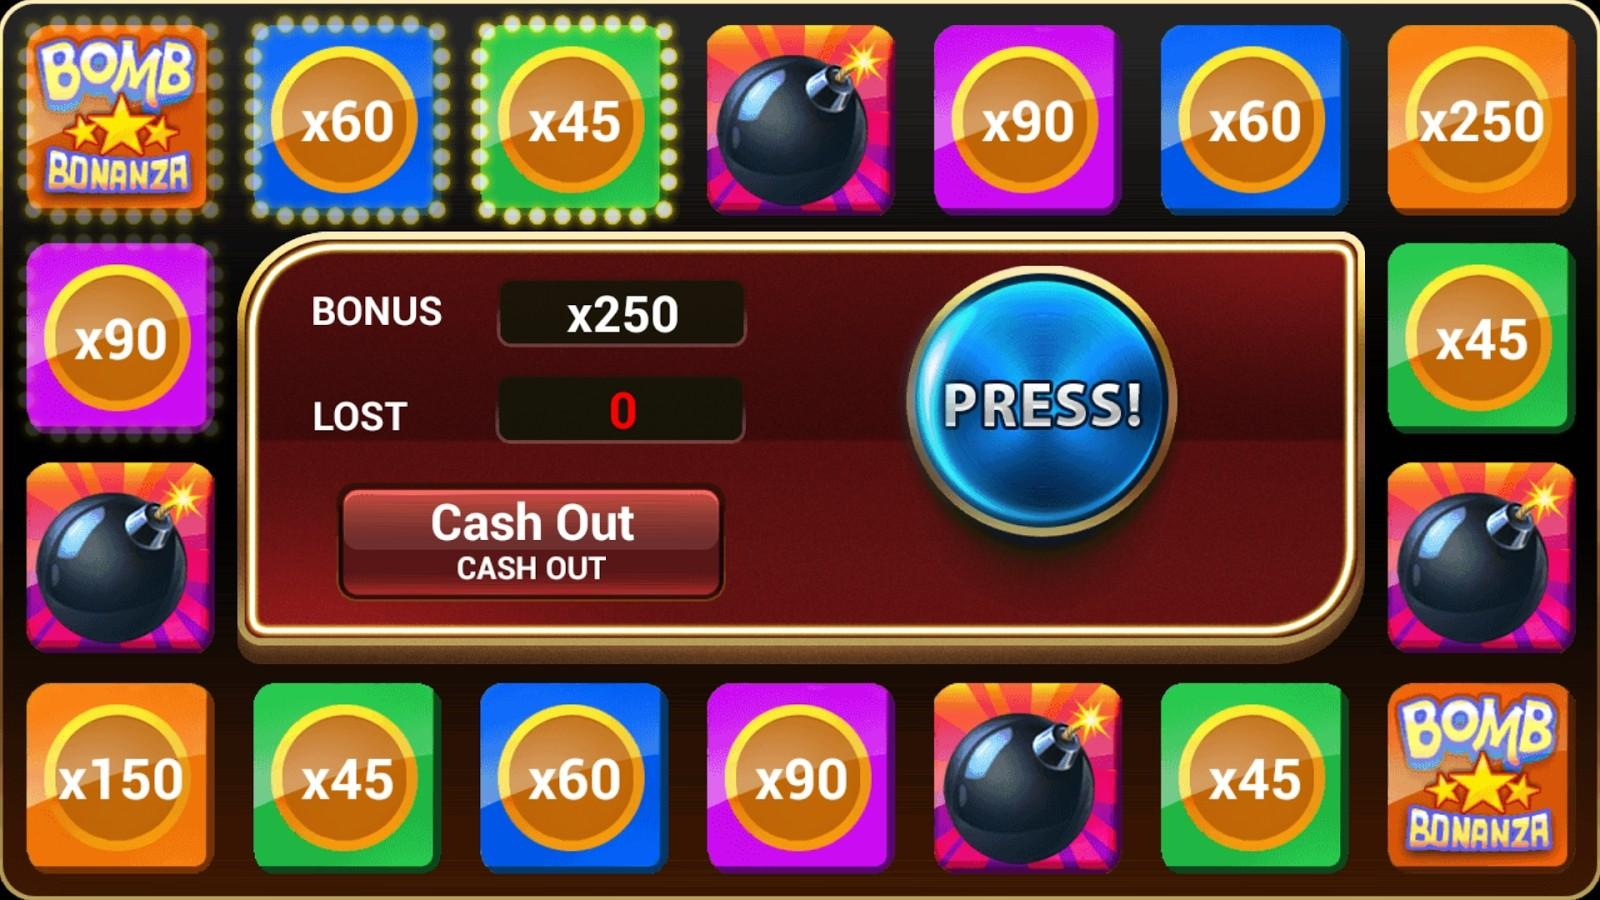 бонус казино 50 бездепозитный